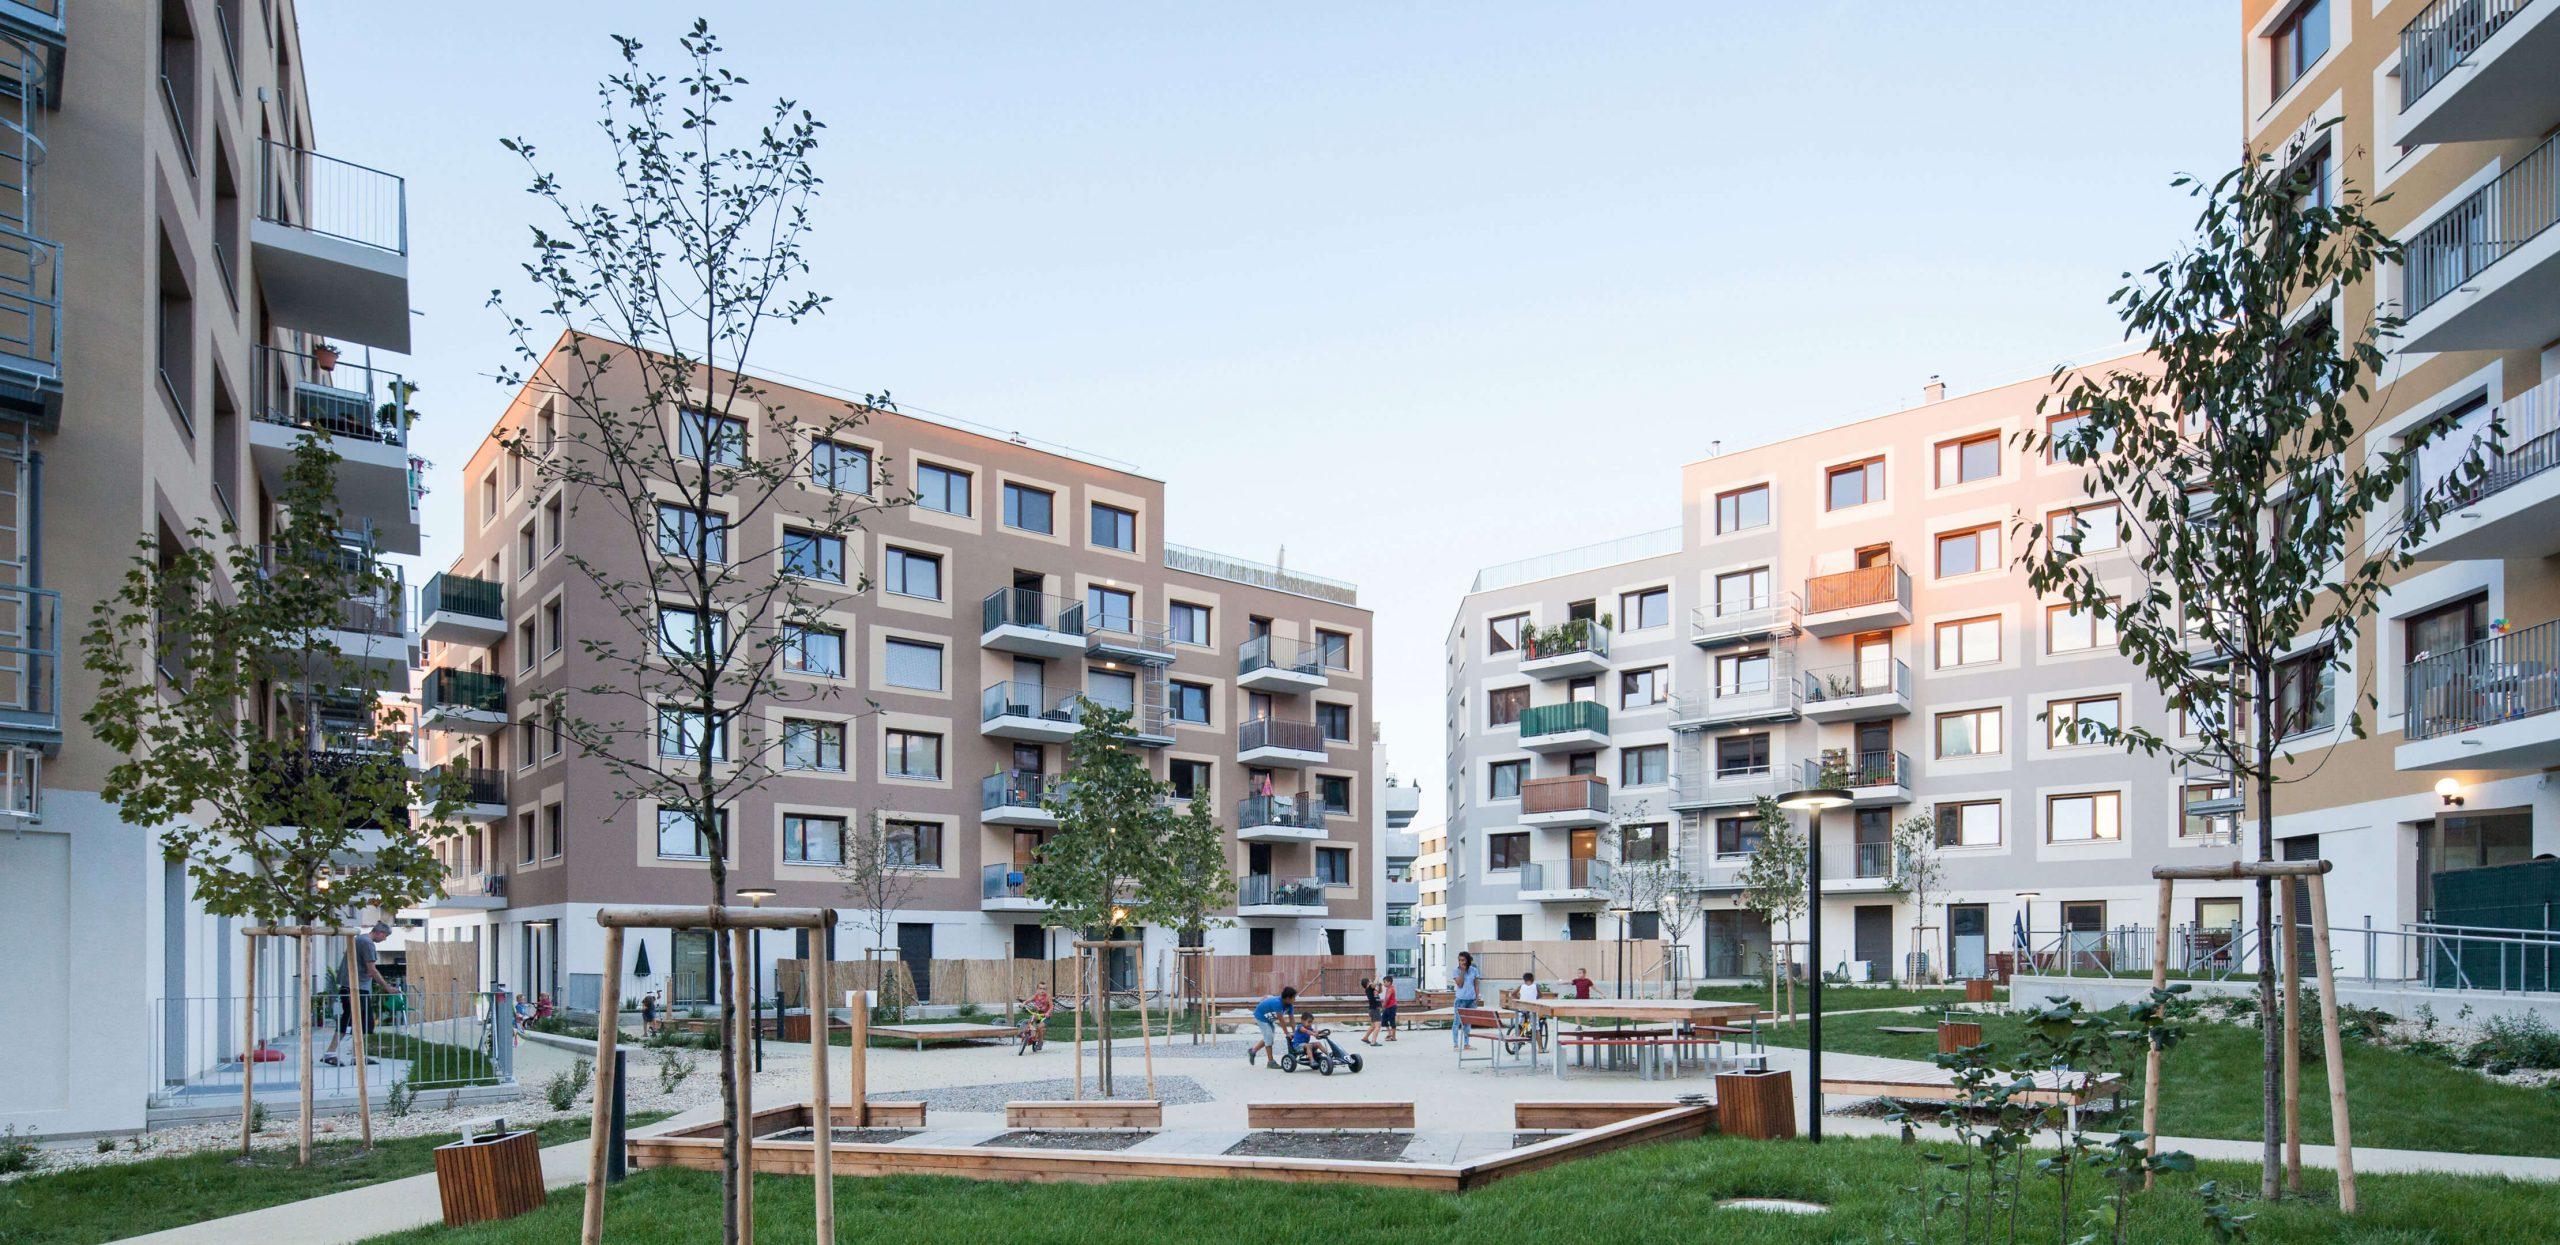 Rezidenční projekt: Dům pro život, Aspern, Rakousko